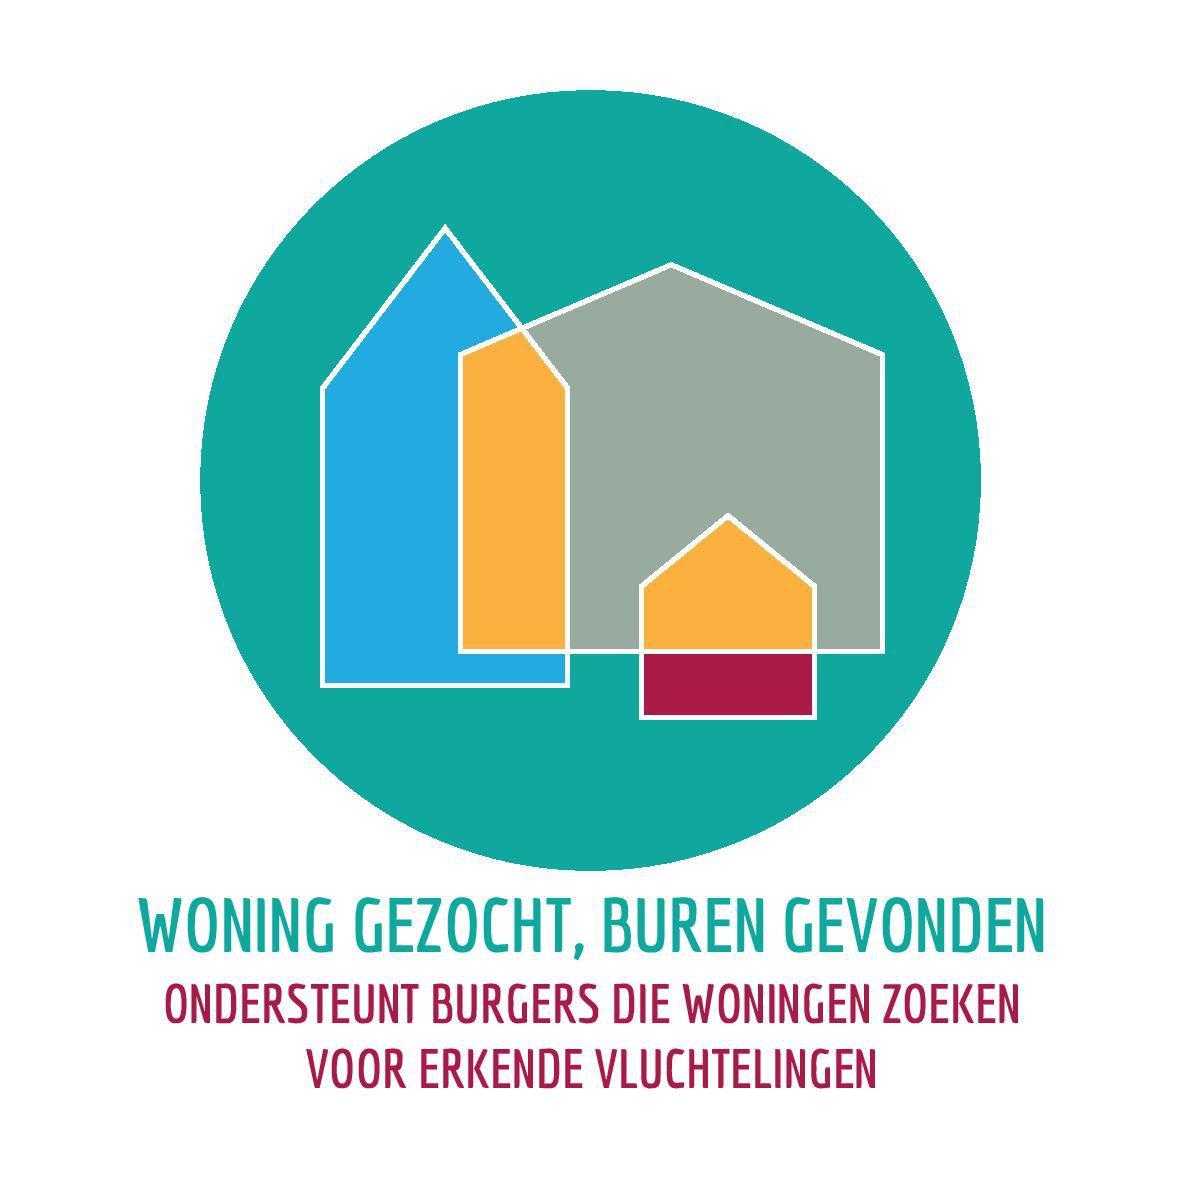 9 december | Netwerkdag en evaluatie van 'Woning gezocht, buren gevonden'